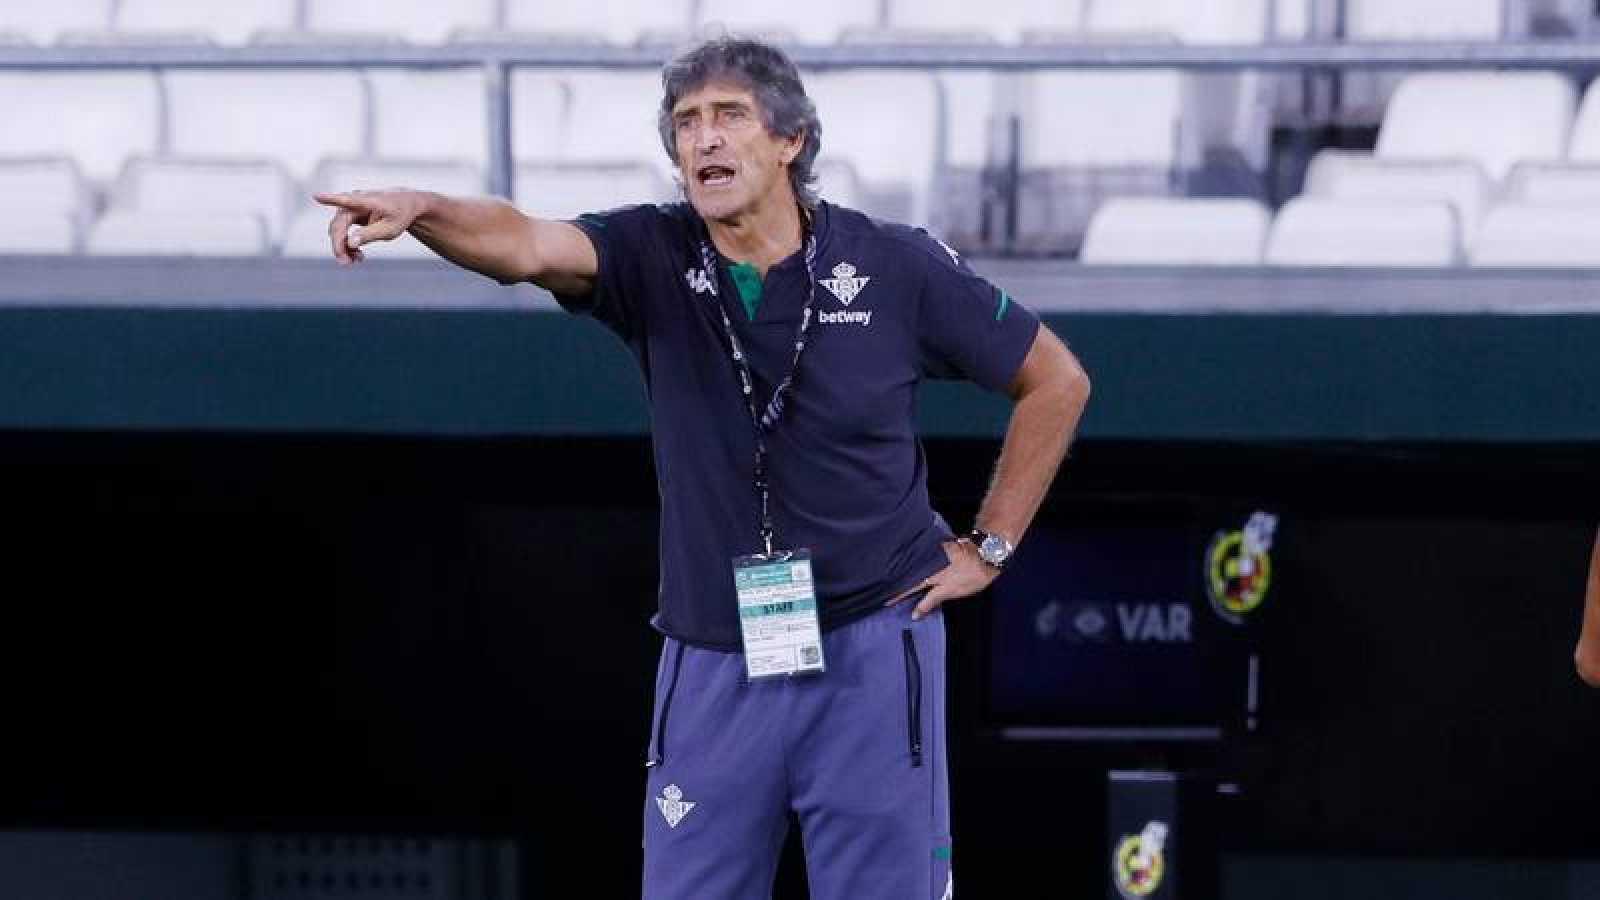 El técnico del Betis, Manuel Pellegrini da instrucciones durante el partido de Liga entre Betis y Real Madrid.